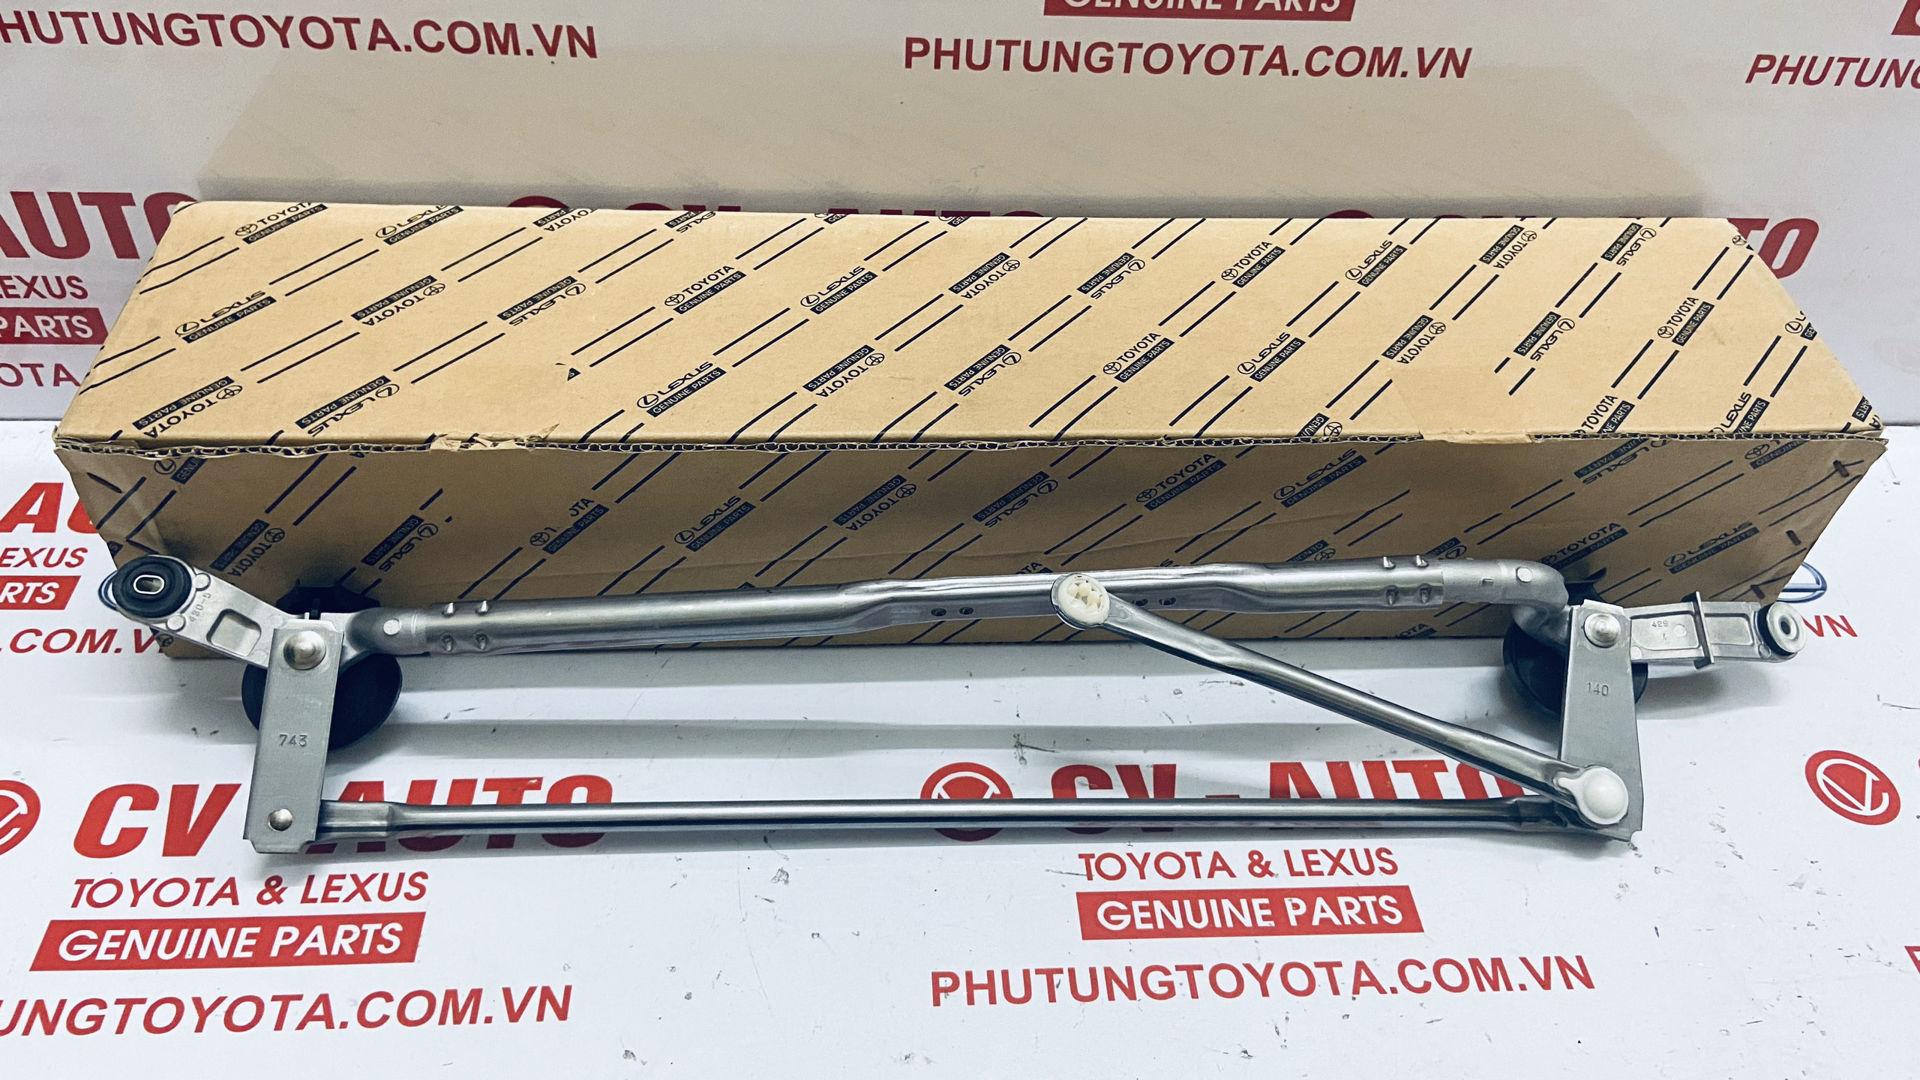 Picture of 85150-60370 Giằng gạt mưa, cơ cấu gạt mưa Toyota Land Cruiser Prado chính hãng